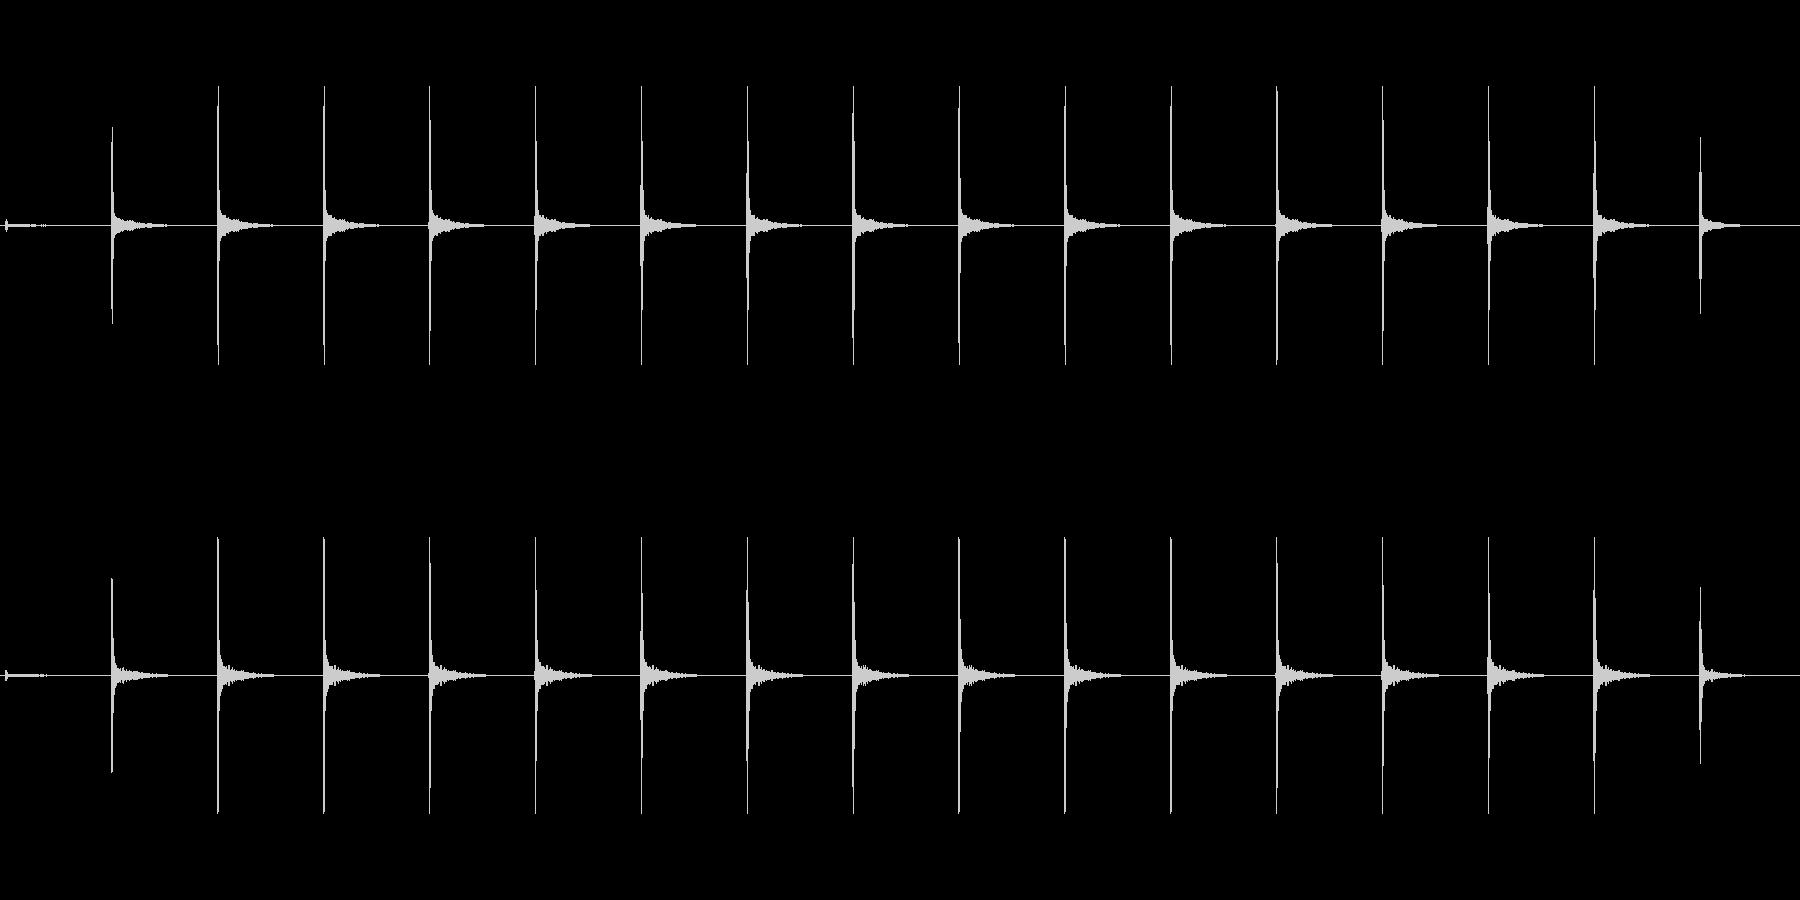 時計 ticktock_49-1_revの未再生の波形